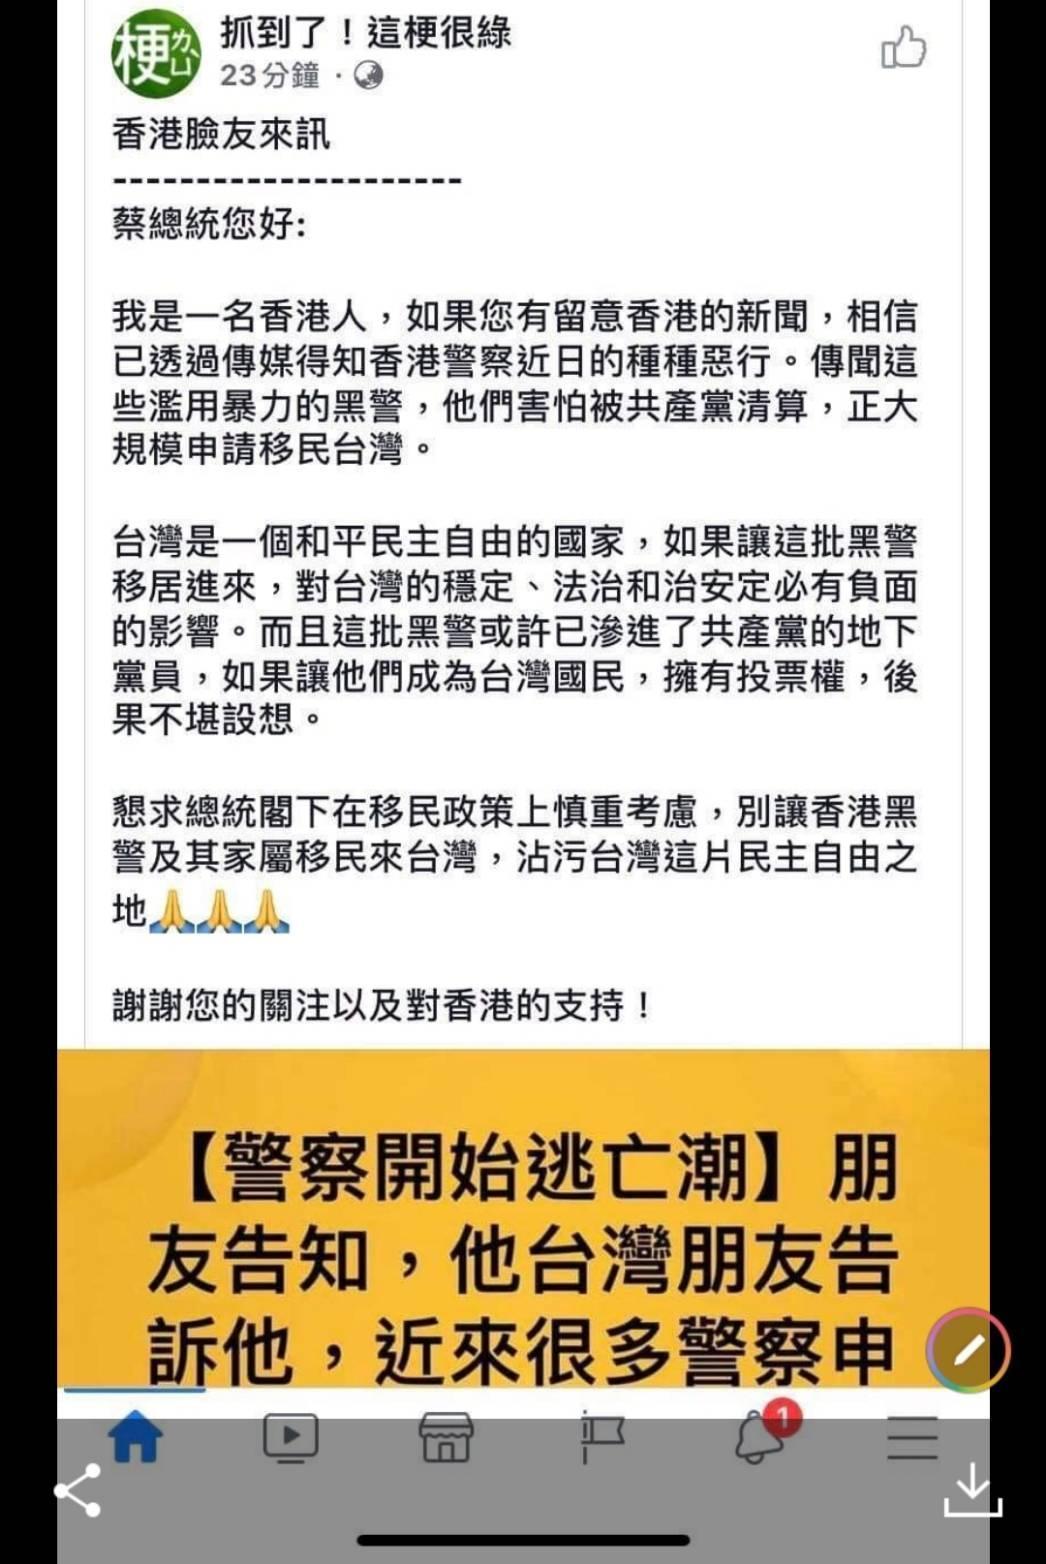 網路瘋傳香港黑警將舉家移民台灣消息。(翻攝畫面)